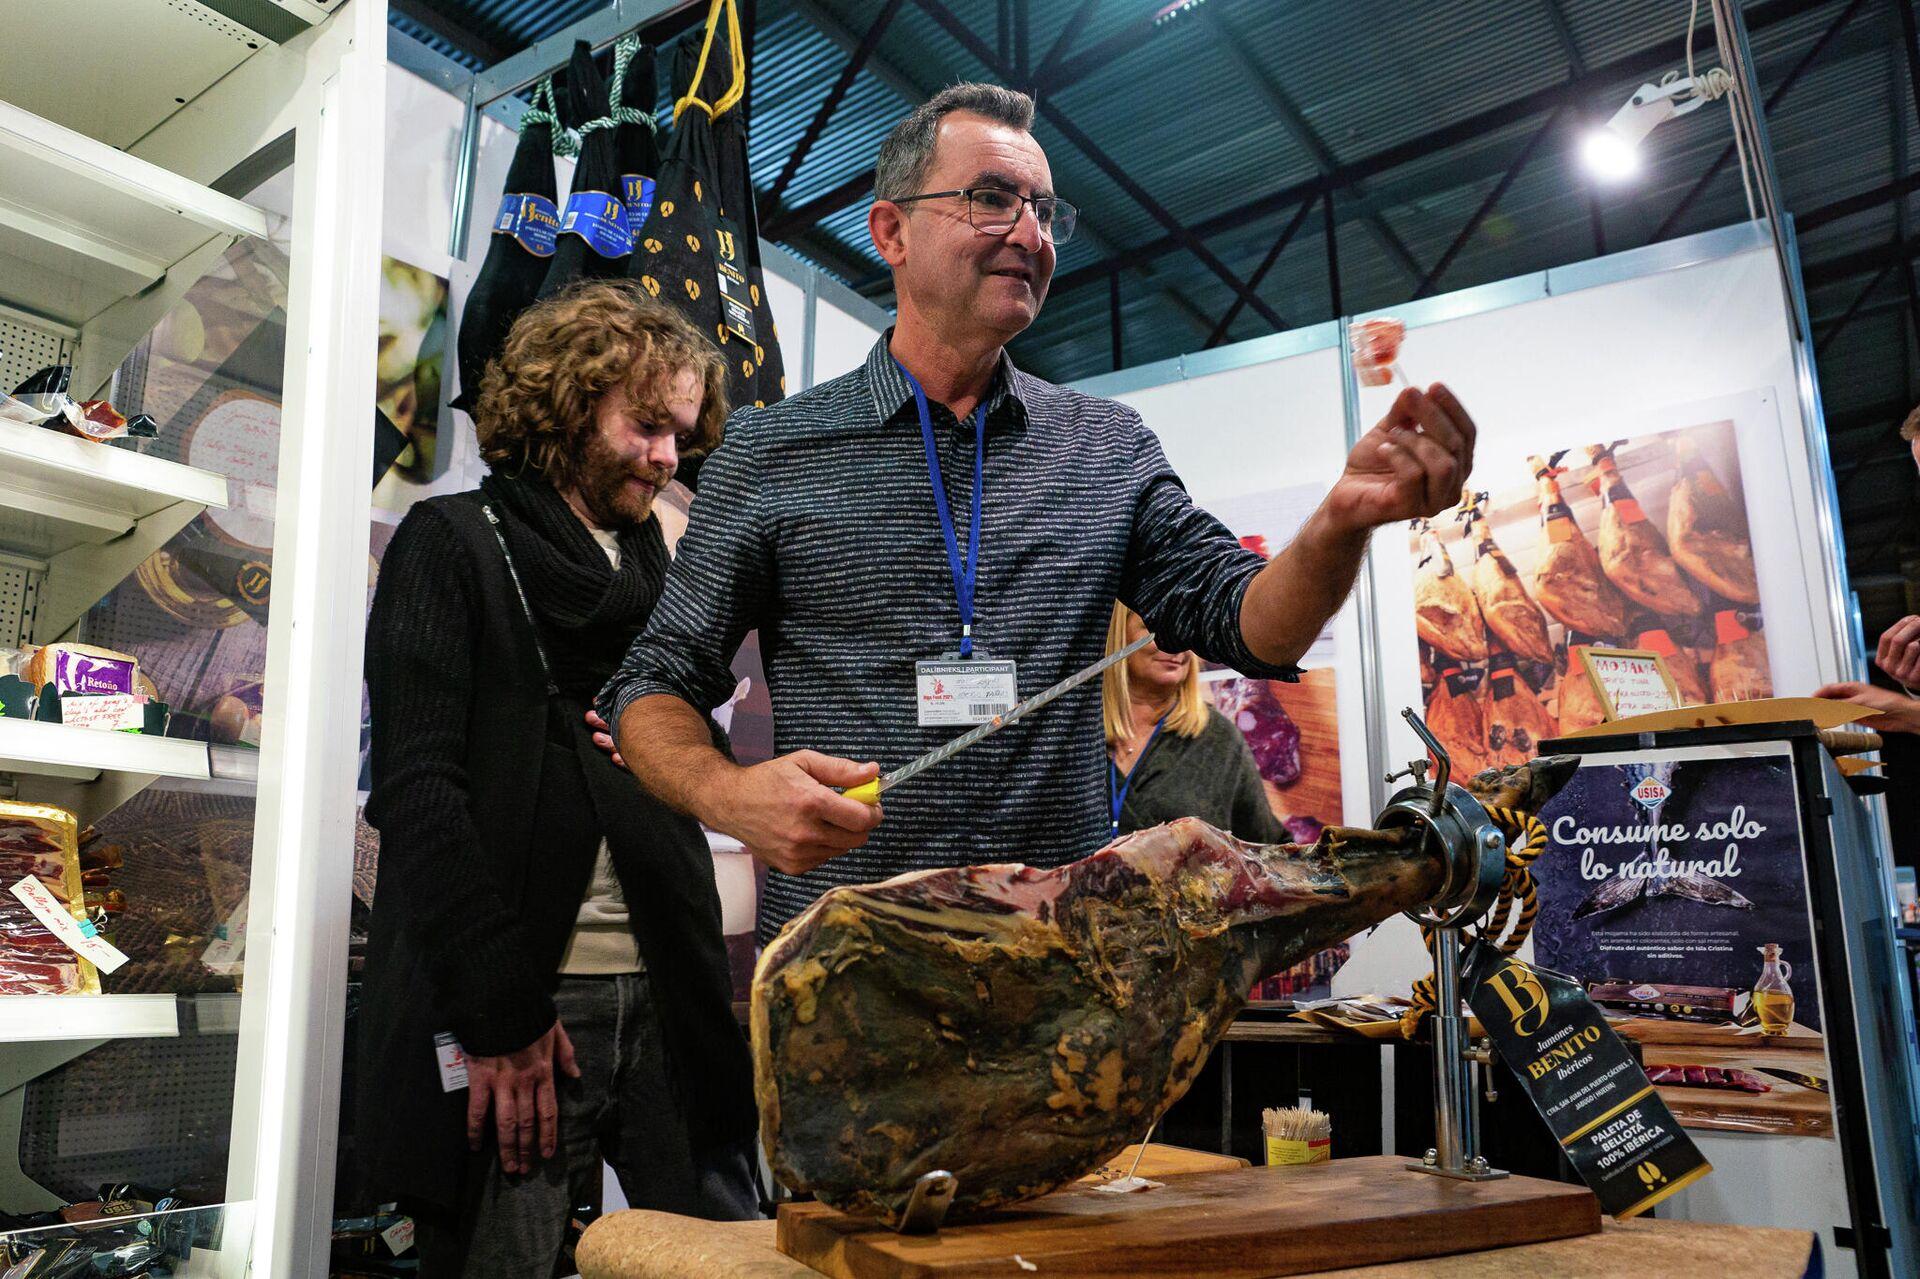 Хамон черная нога из откормленных желудями свиней, самый дорогой продукт в линейке испанского производителя - Sputnik Латвия, 1920, 10.09.2021